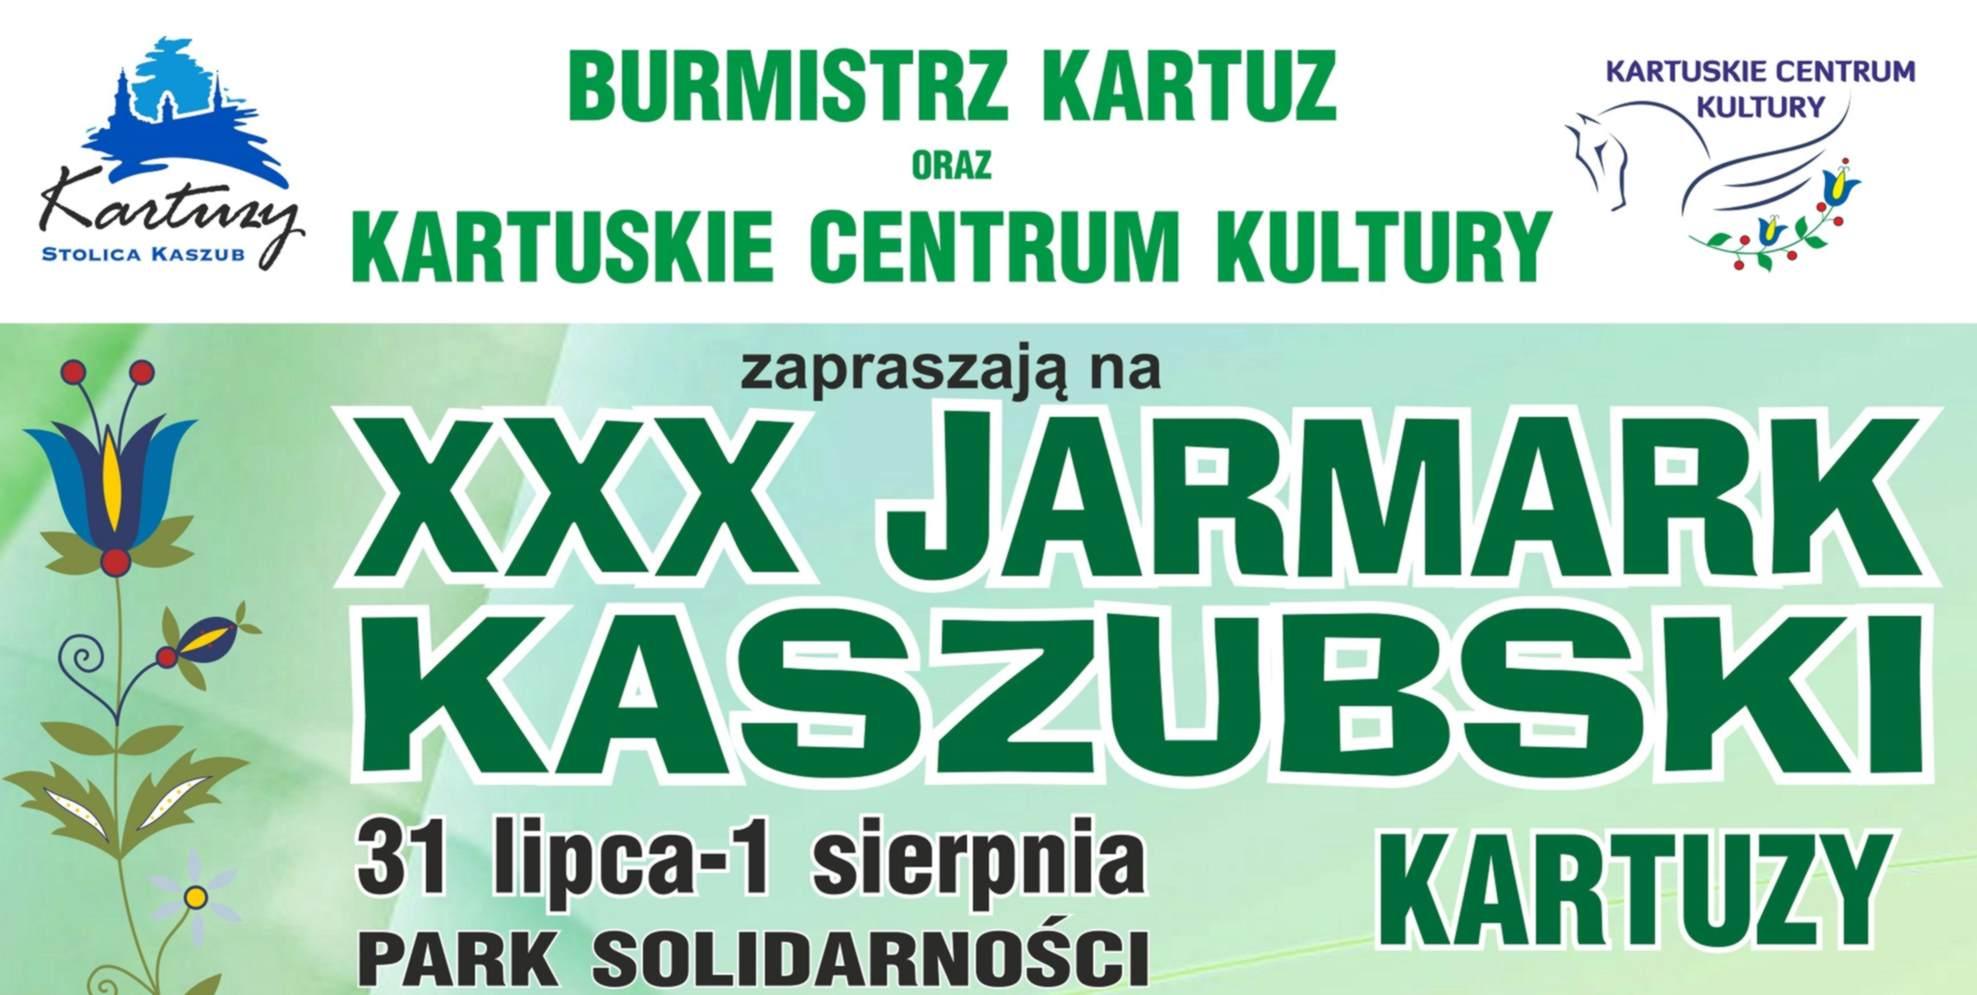 Jarmark Kaszubski w Kartuzach 31.07 - 1.08.2021